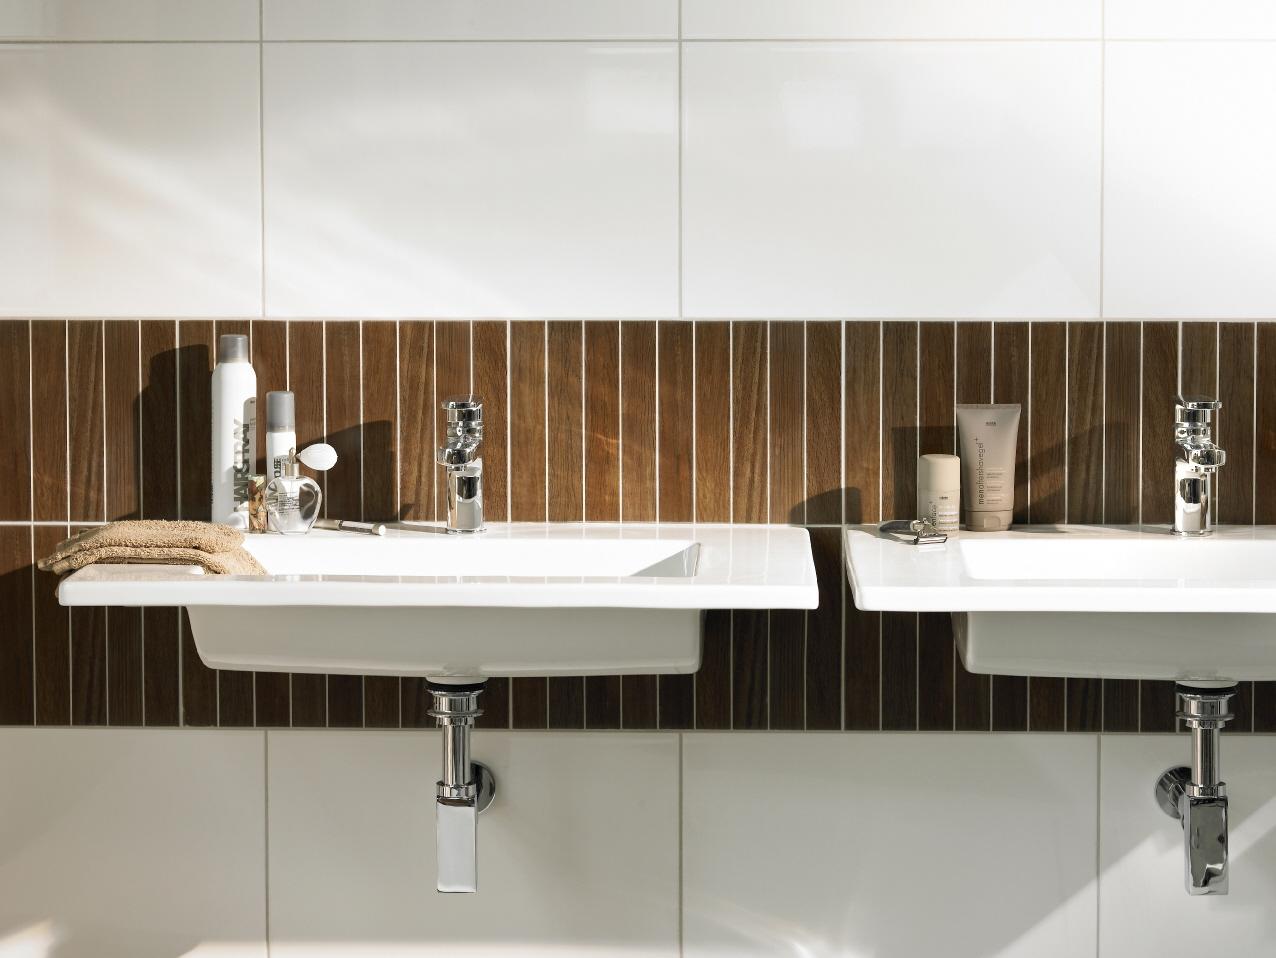 De evolutie van de badkamer: trends van 1950 tot nu | Praxis blog